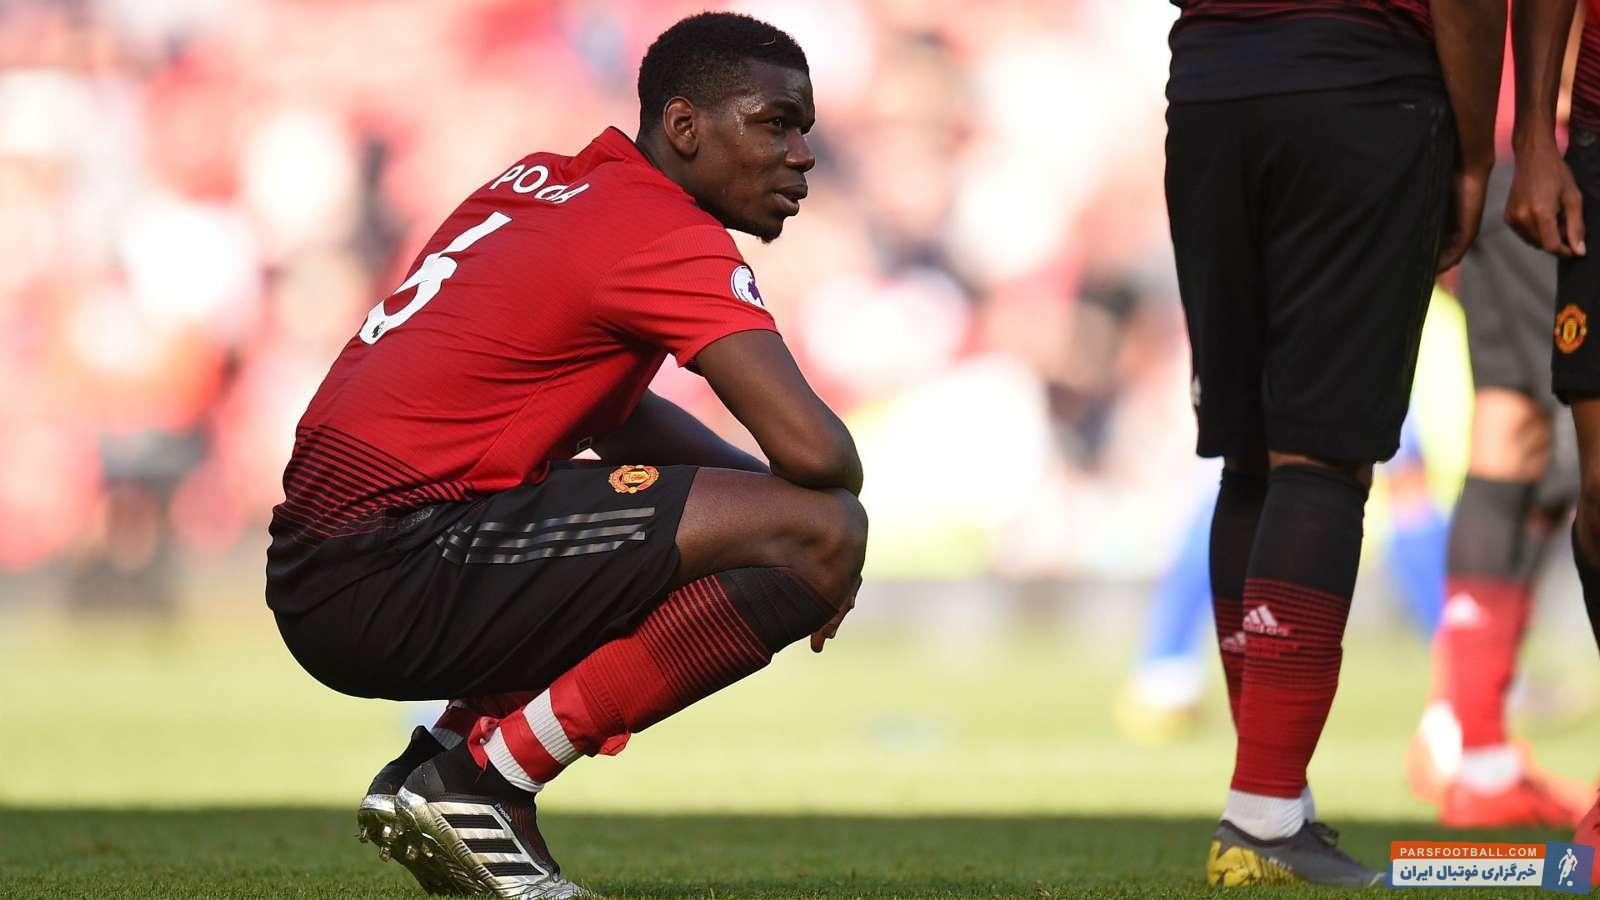 پل پوگبا به دلیل احساس ناراحتی از ناحیه کمر در بازی امروز یونایتد و میلان حاضر نخواهد بود ولی او به دیدار اول یونایتد در لیگ برتر در مقابل چلسی خواهد رسید.